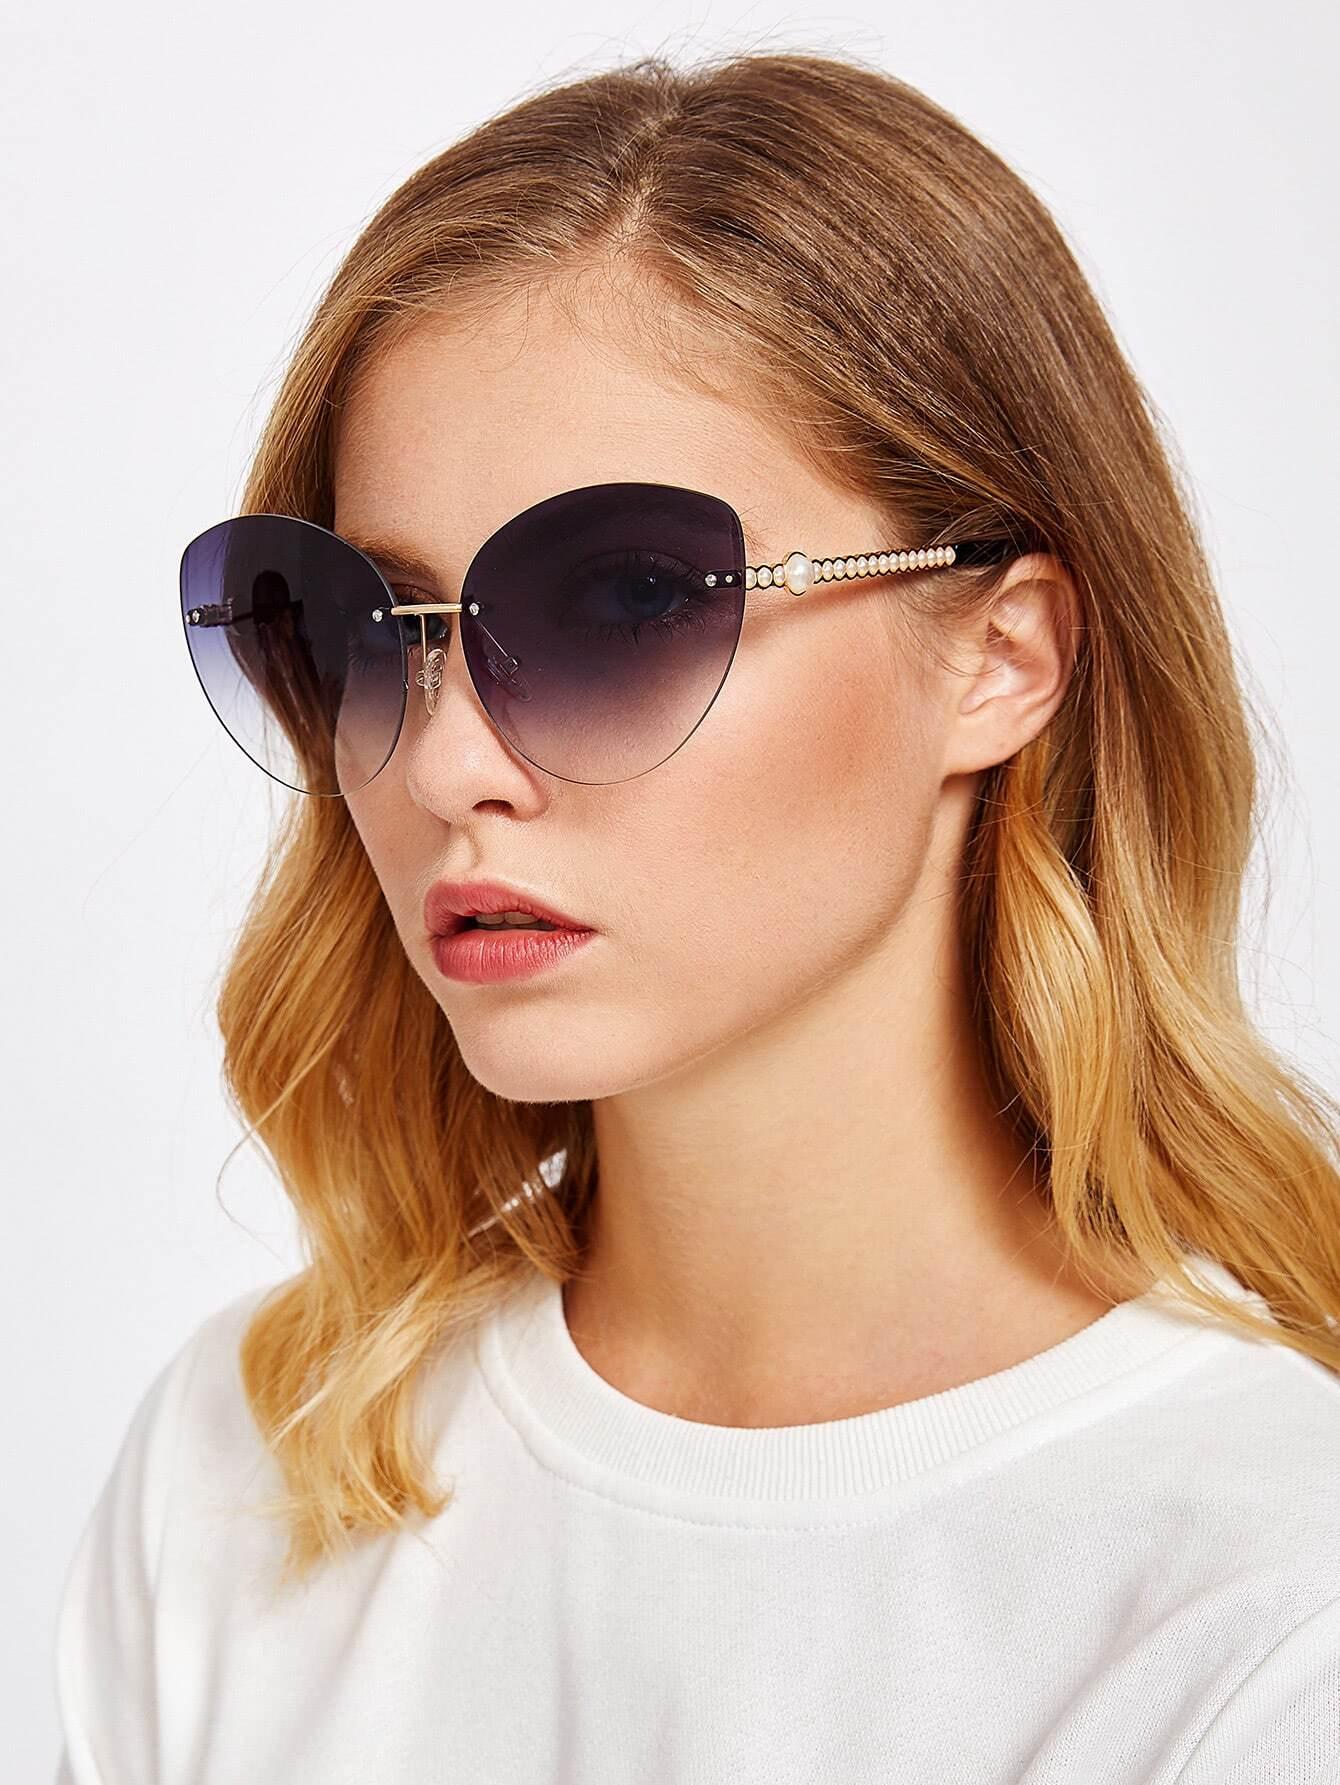 Lunettes de soleil avec lentille miroir french romwe for Lunette de soleil avec verre miroir